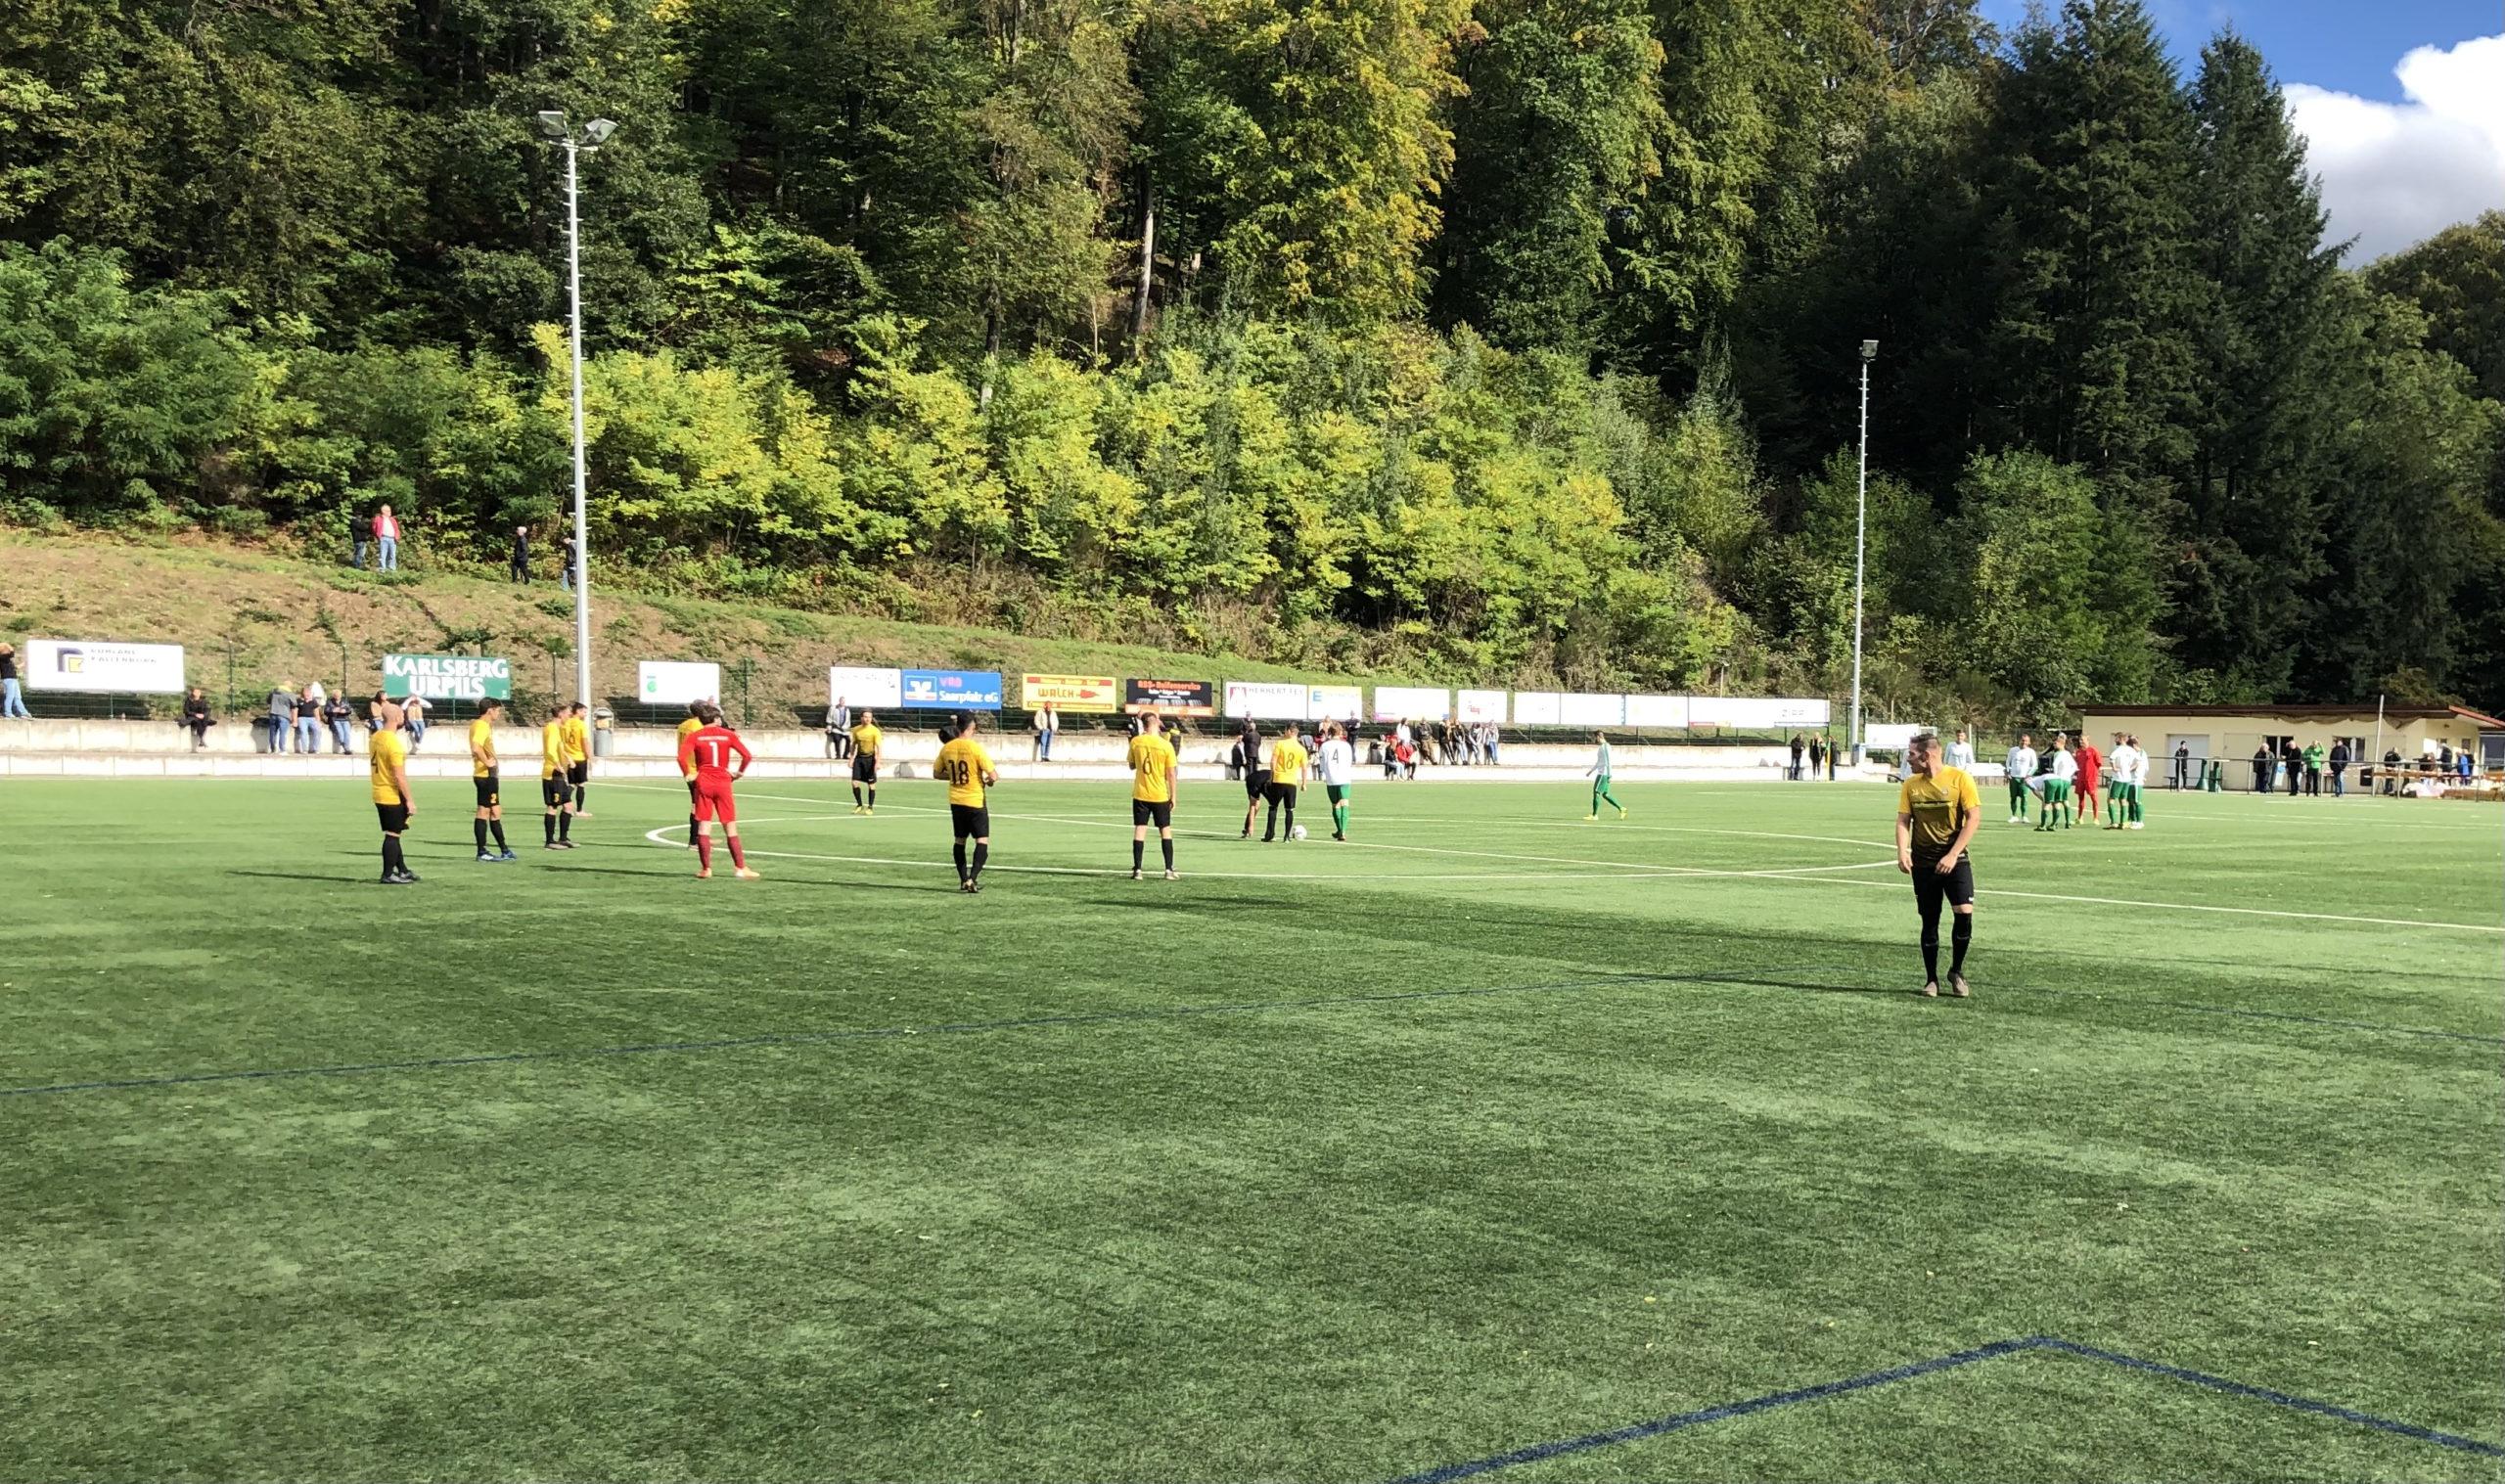 Vorschau: Spiele am Wochenende vom 09.10-11.10